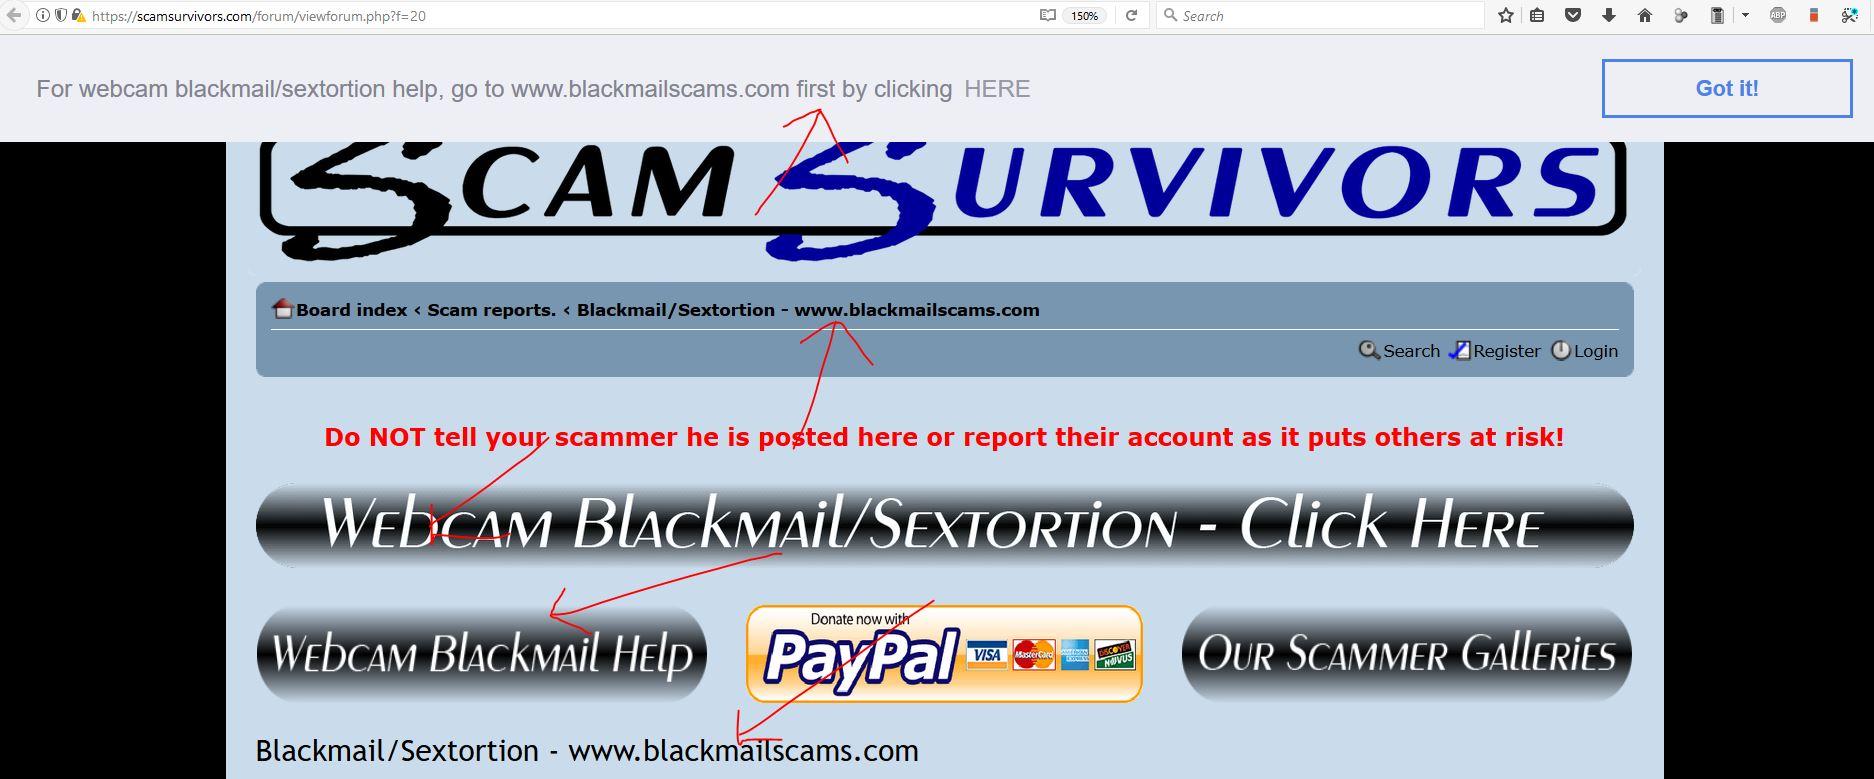 Scam Survivors • Sheikh Hamza Hamza - instagram